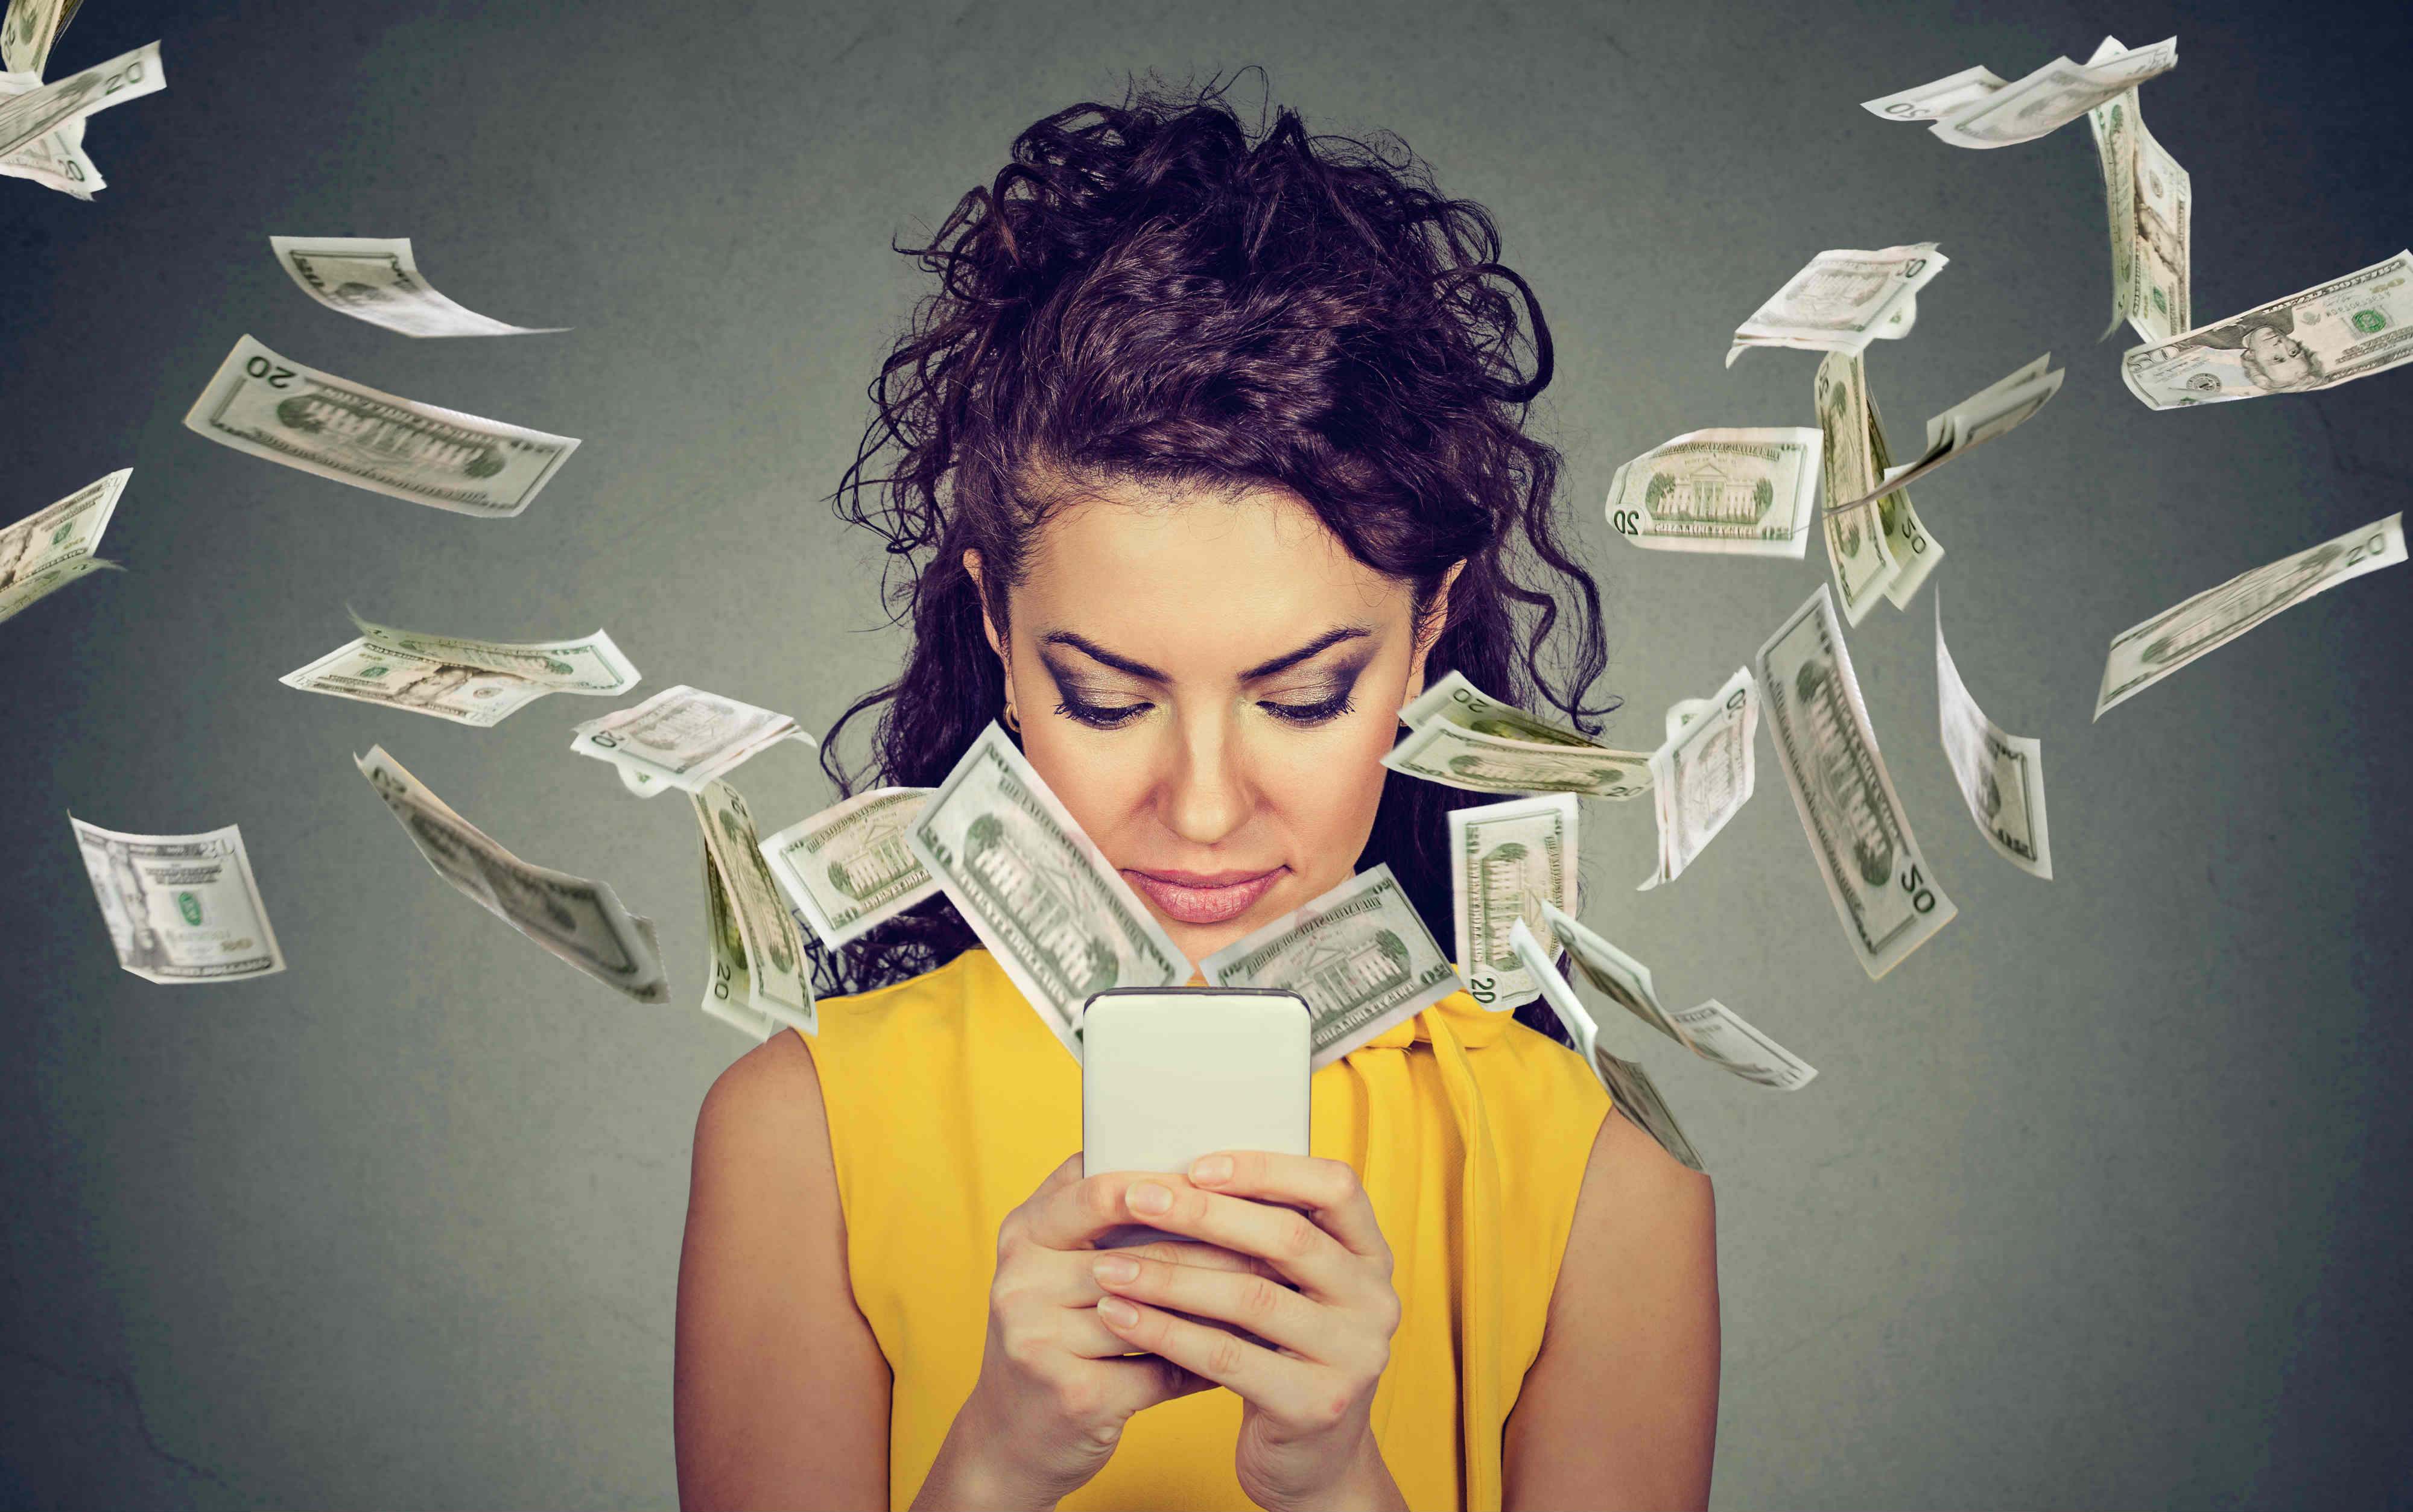 携帯乗り換え時の二重払いに取るべきたった2つの対処法とは!?